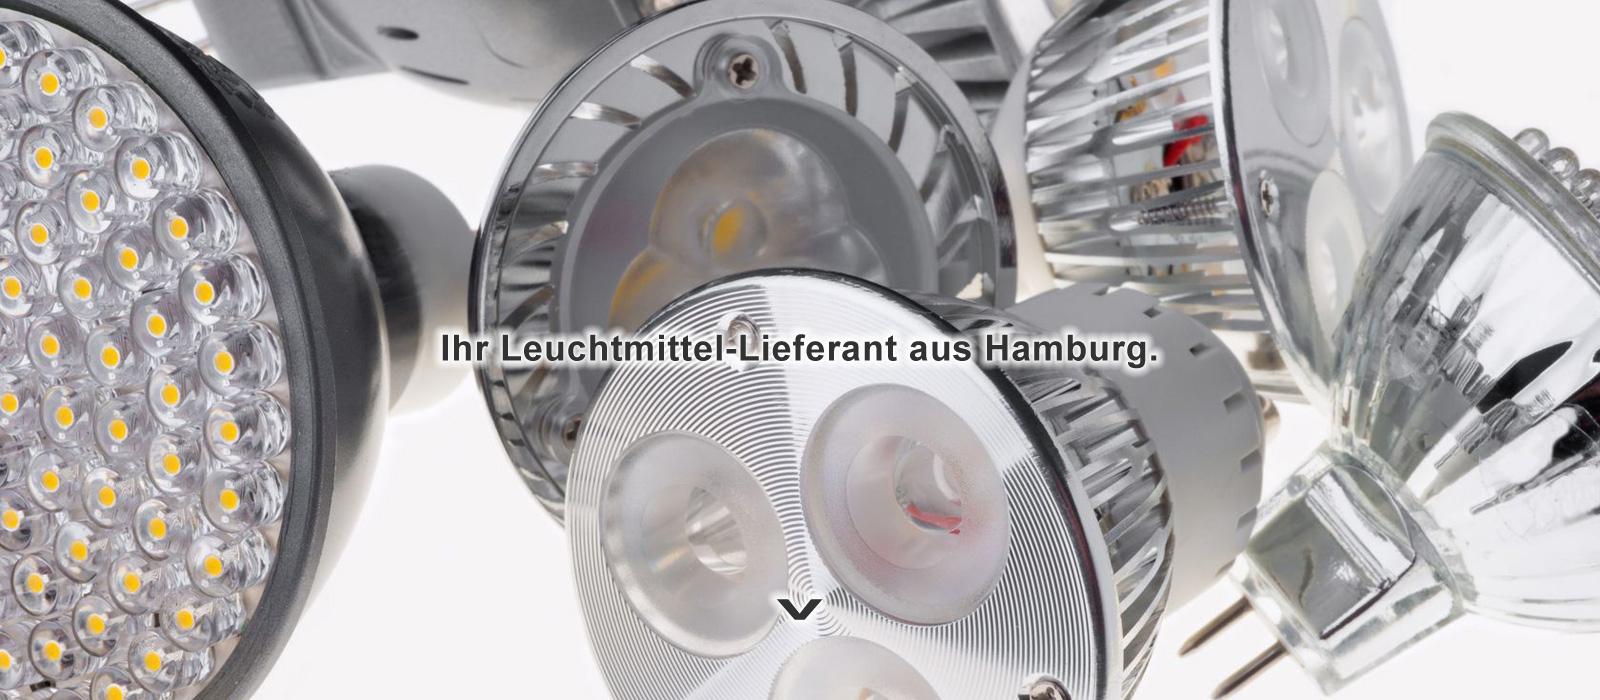 Lichtservice-Hamburg - Ihr Leuchtmittel-Lieferant aus Hamburg